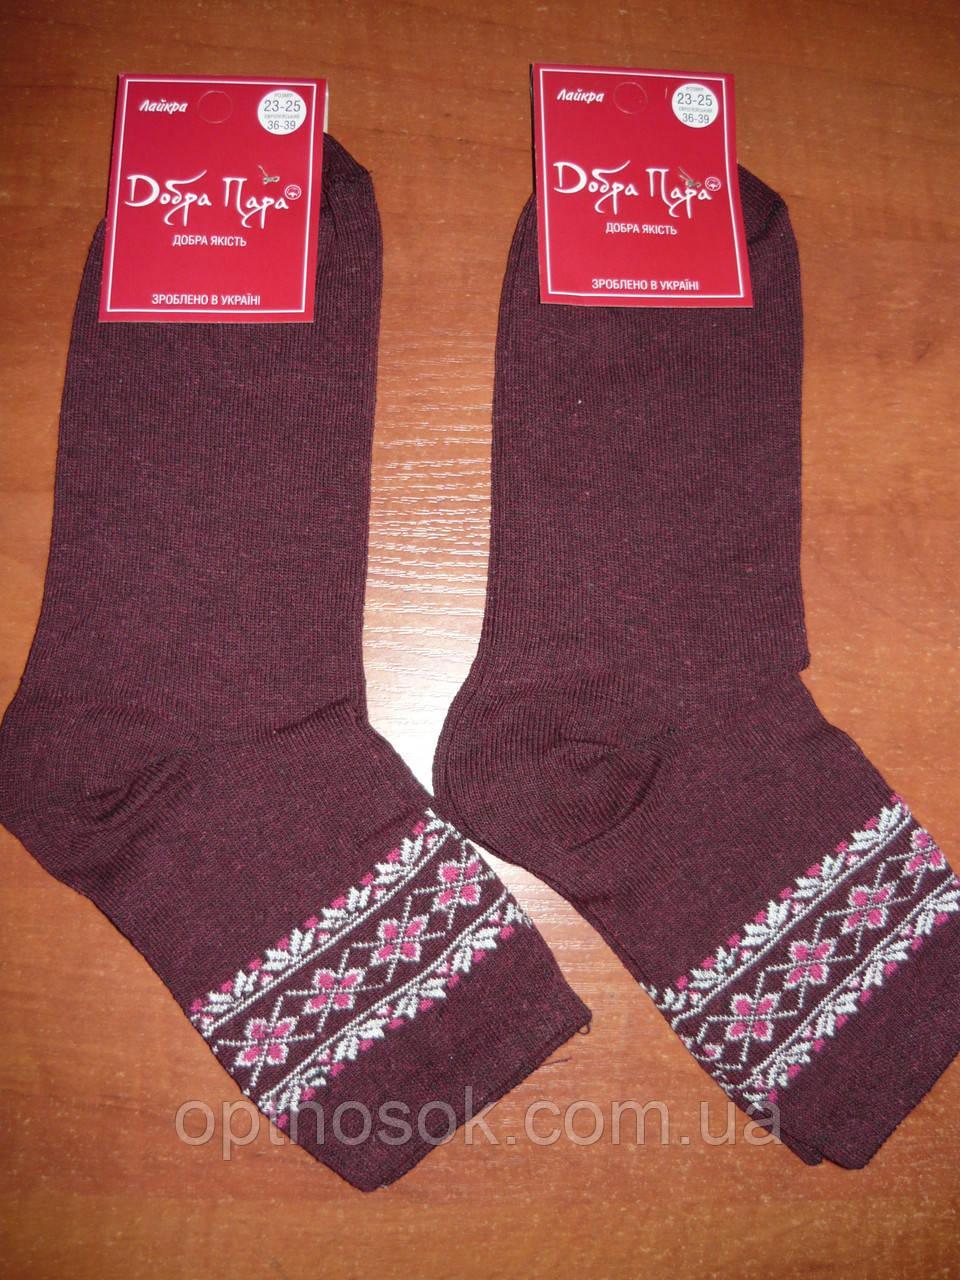 6336e9905109 Женские носки